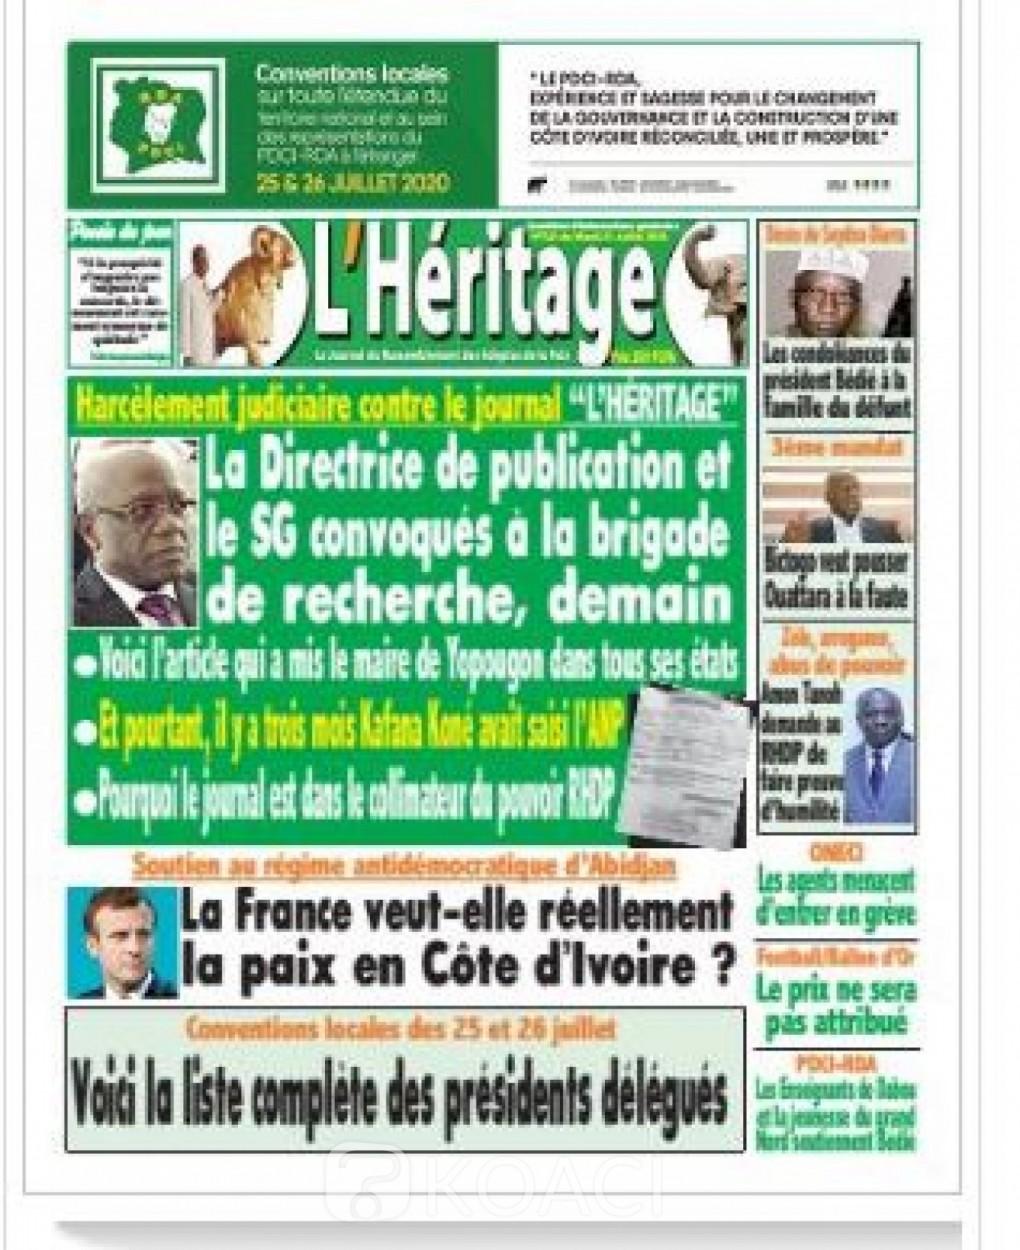 Cote d'Ivoire : Un DP et son journaliste d'un media pro-PDCI, convoqués à la Brigade de recherche  pour « enquêtes judiciaires »